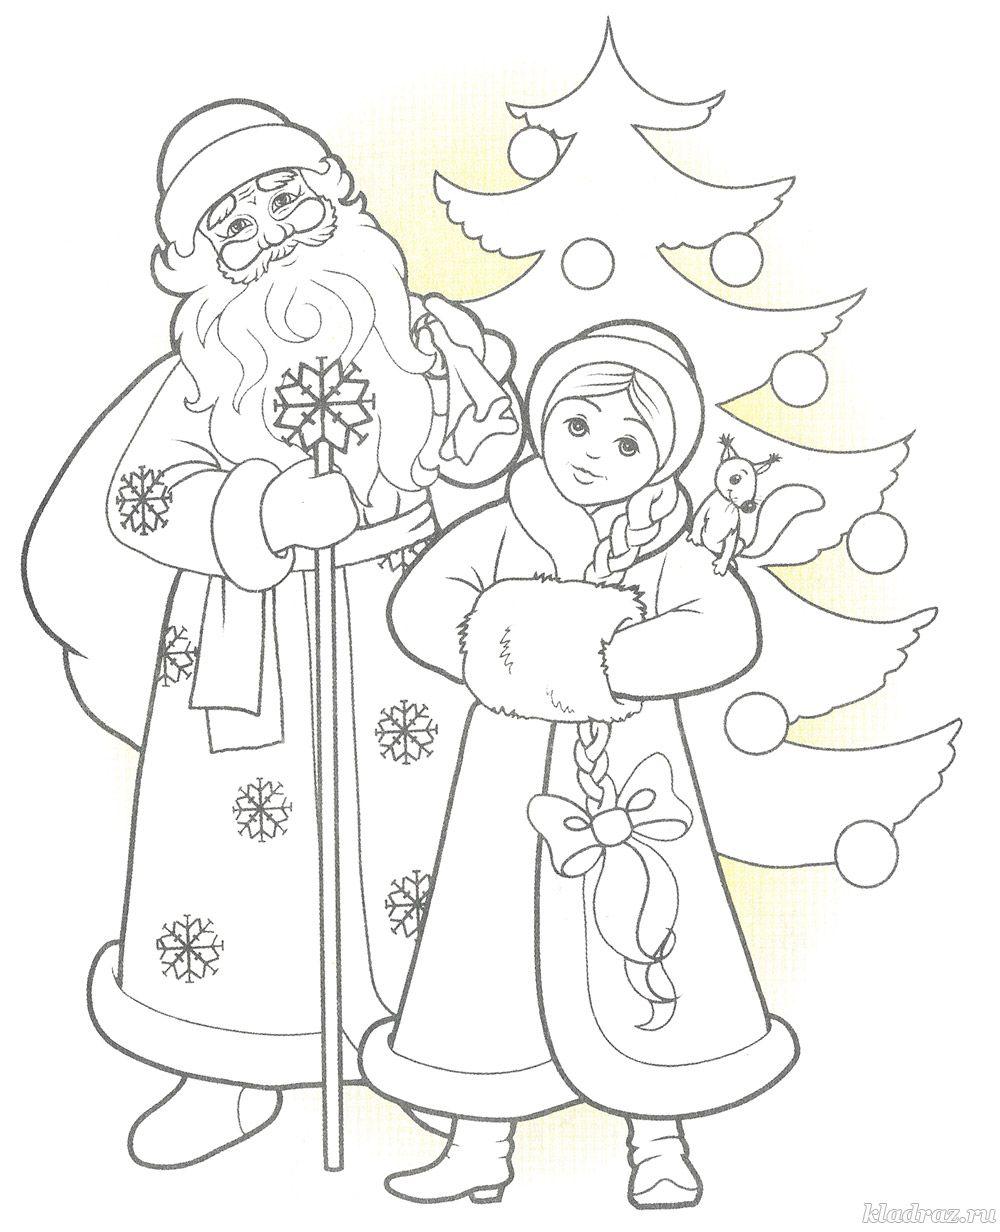 Новогодняя раскраска для детей 6-7 лет